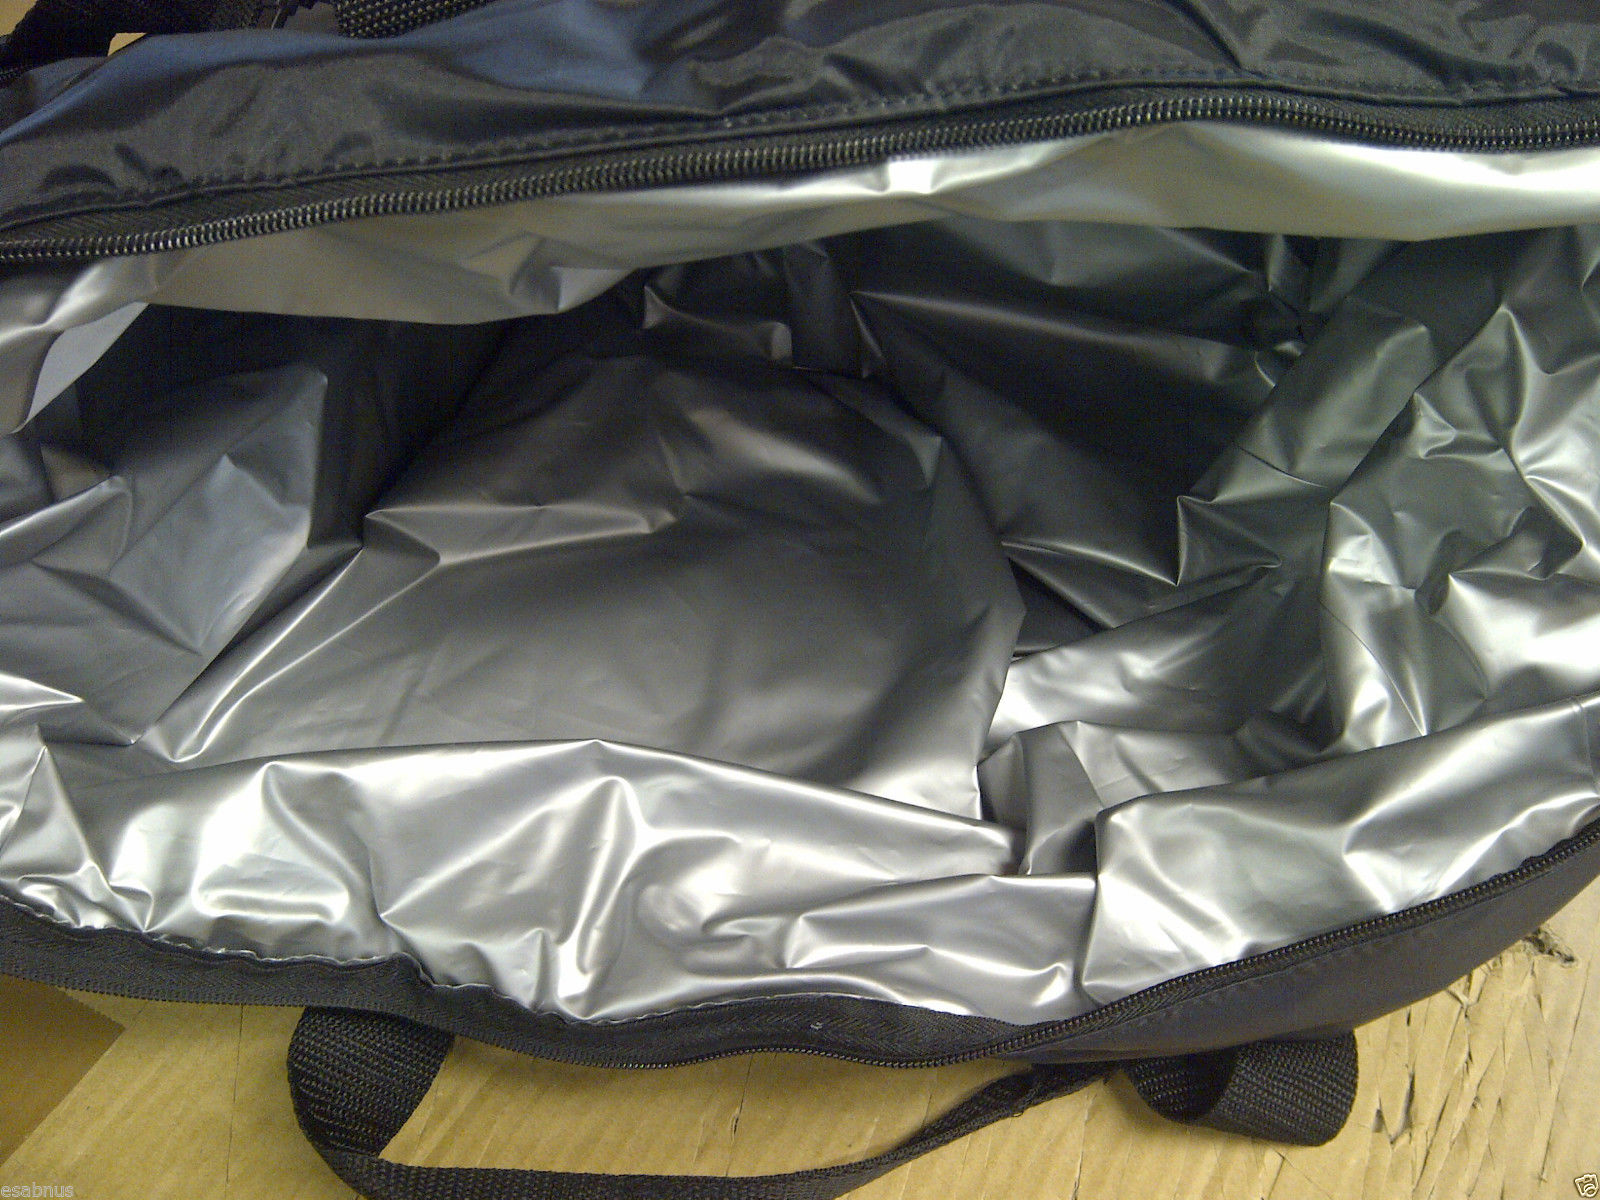 koozie gro k hltasche xxl lunchbox dose essen picknick tasche grillen campen ebay. Black Bedroom Furniture Sets. Home Design Ideas